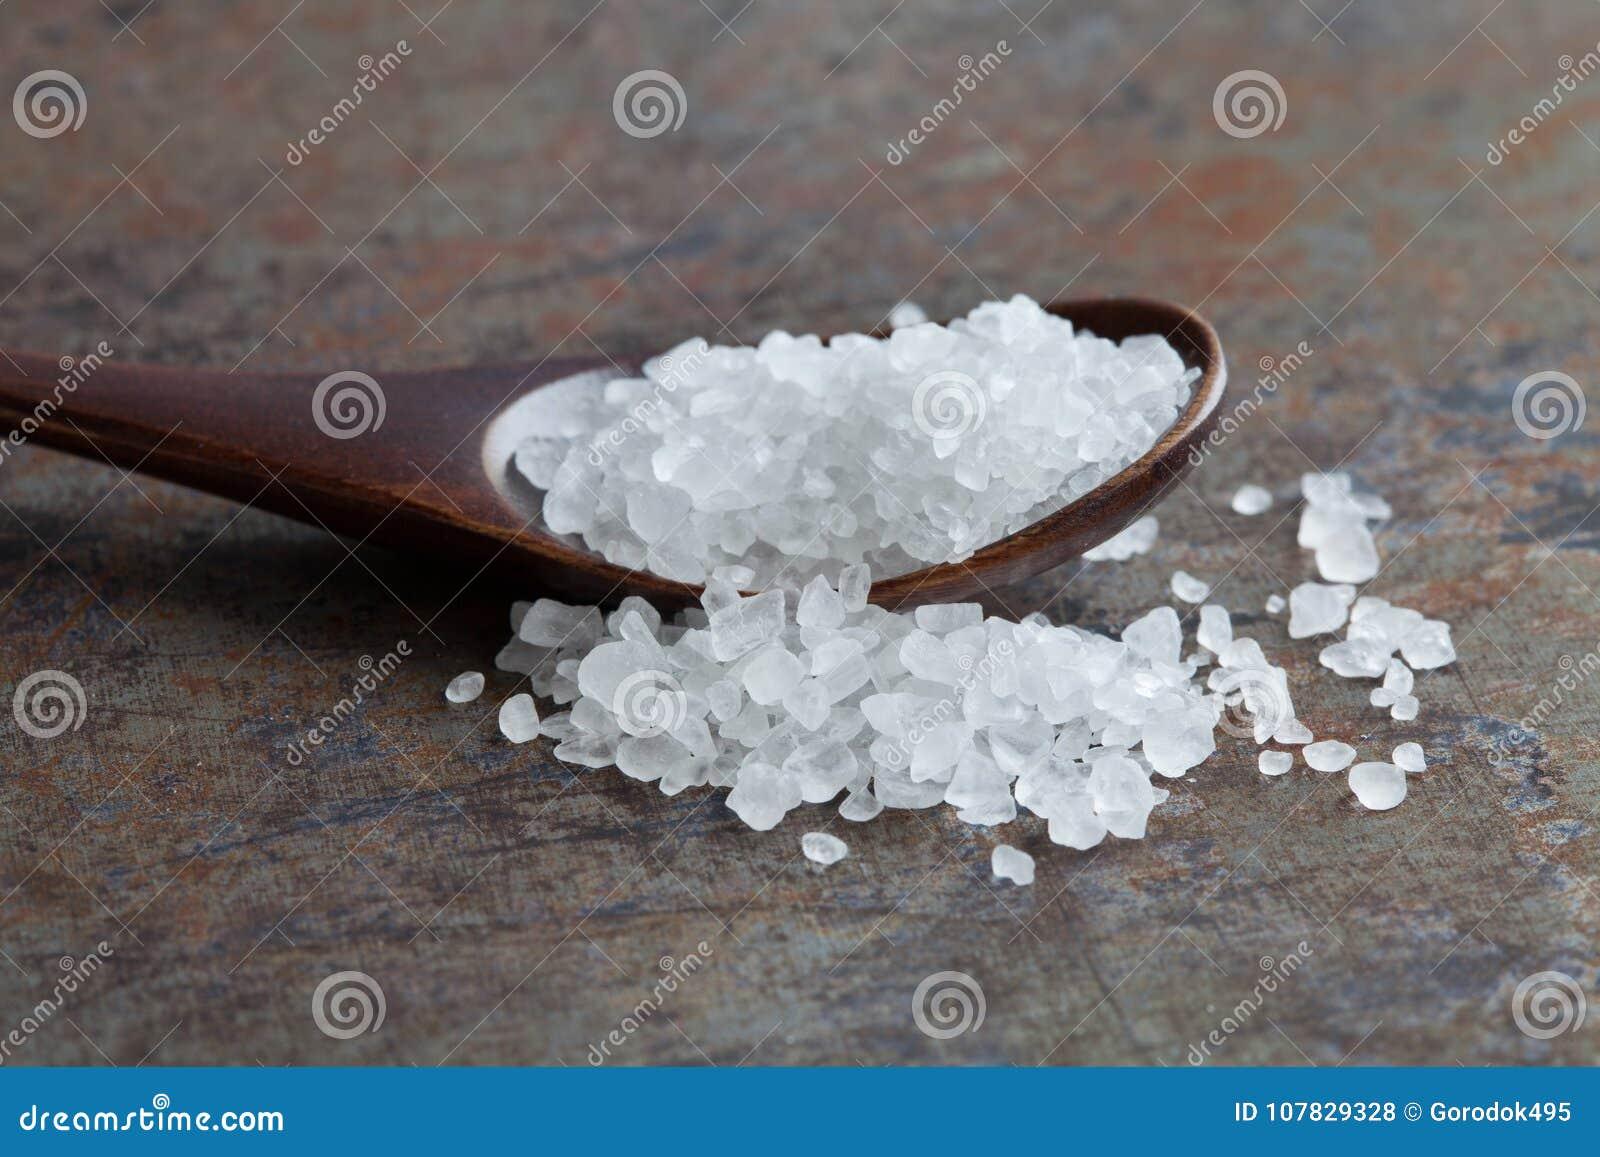 Overzeese zoute specerij macromening Natuurlijk mineraal bewarend, Zout het natrium-chloride wit kristal van het smaakstofvoedsel